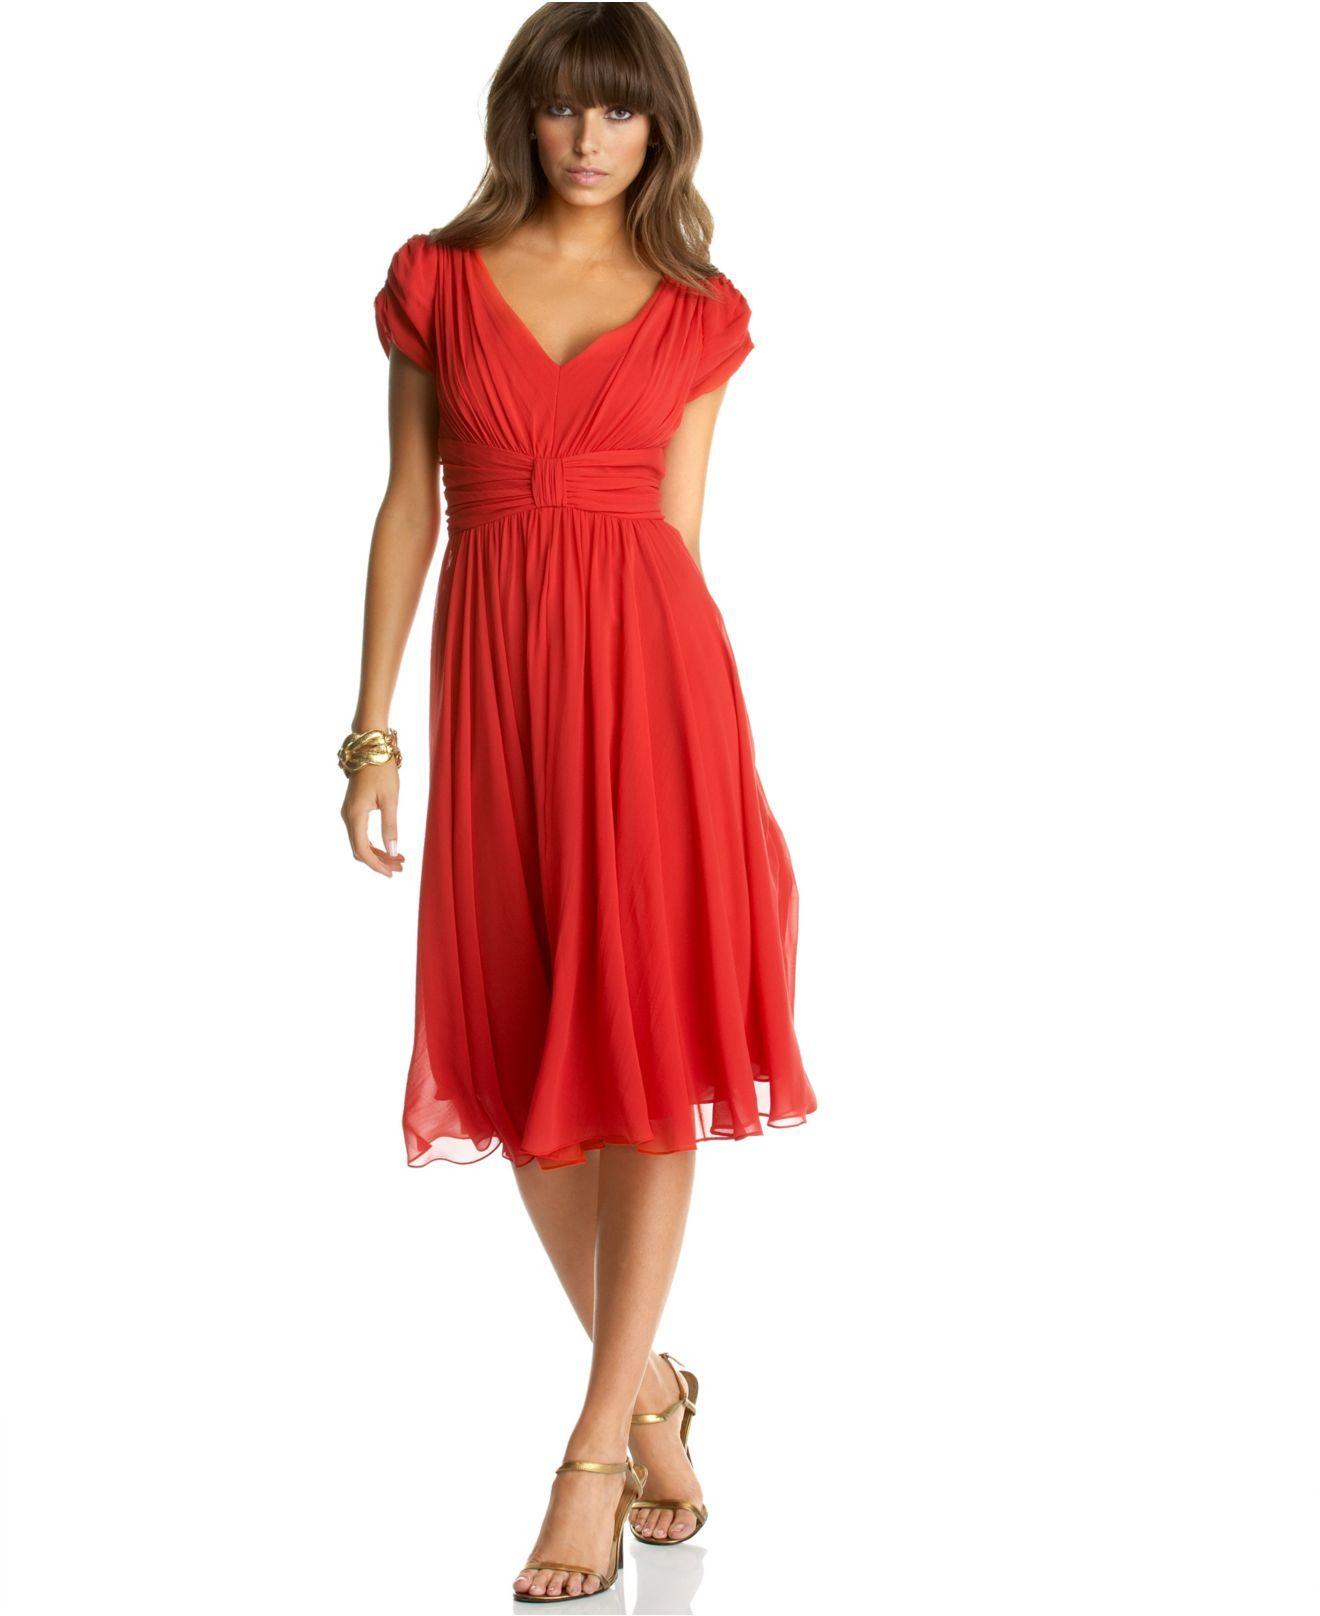 невысокая женщина в красном вечернем платье